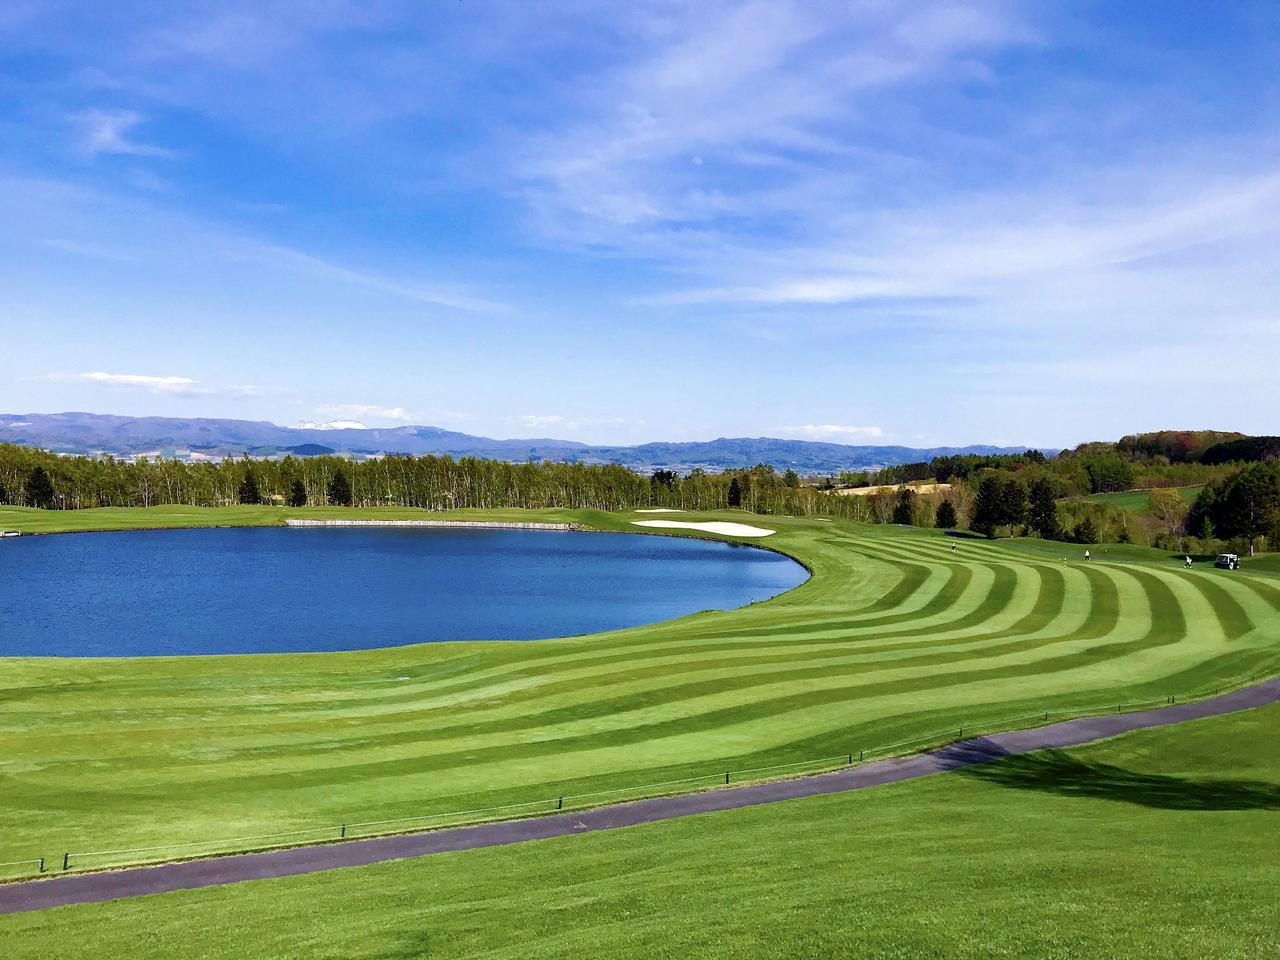 画像: 大きな池を囲むように配置された水コース3番パー4(389ヤード)と4番パー3(163ヤード)。